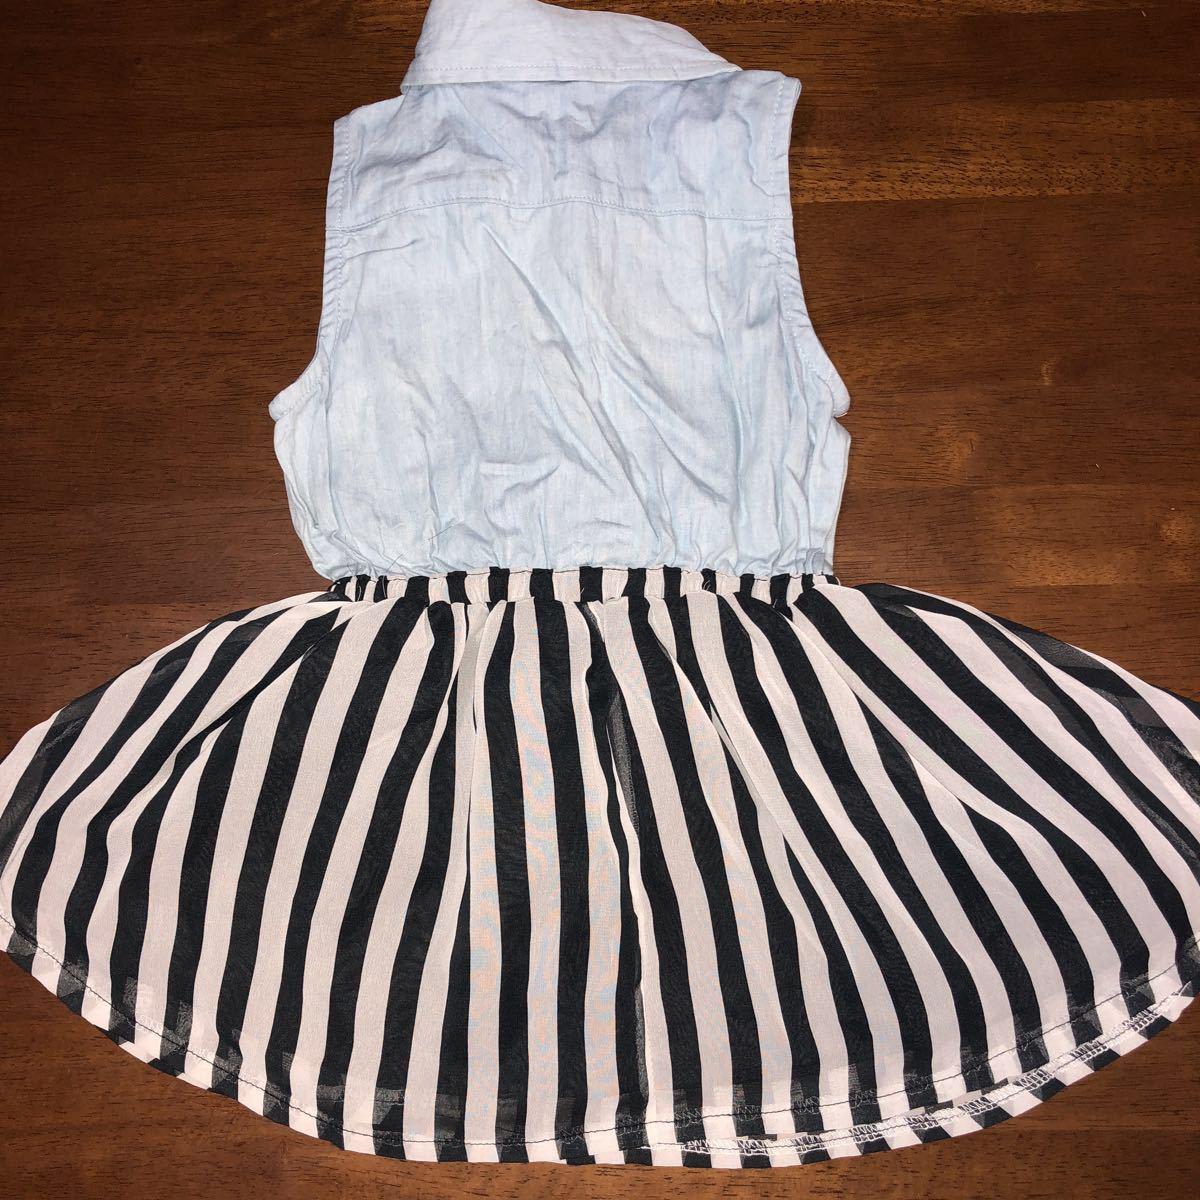 ノースリーブワンピース デニムシャツ ストライプスカート シフォンスカート 中古 100㎝ 難あり